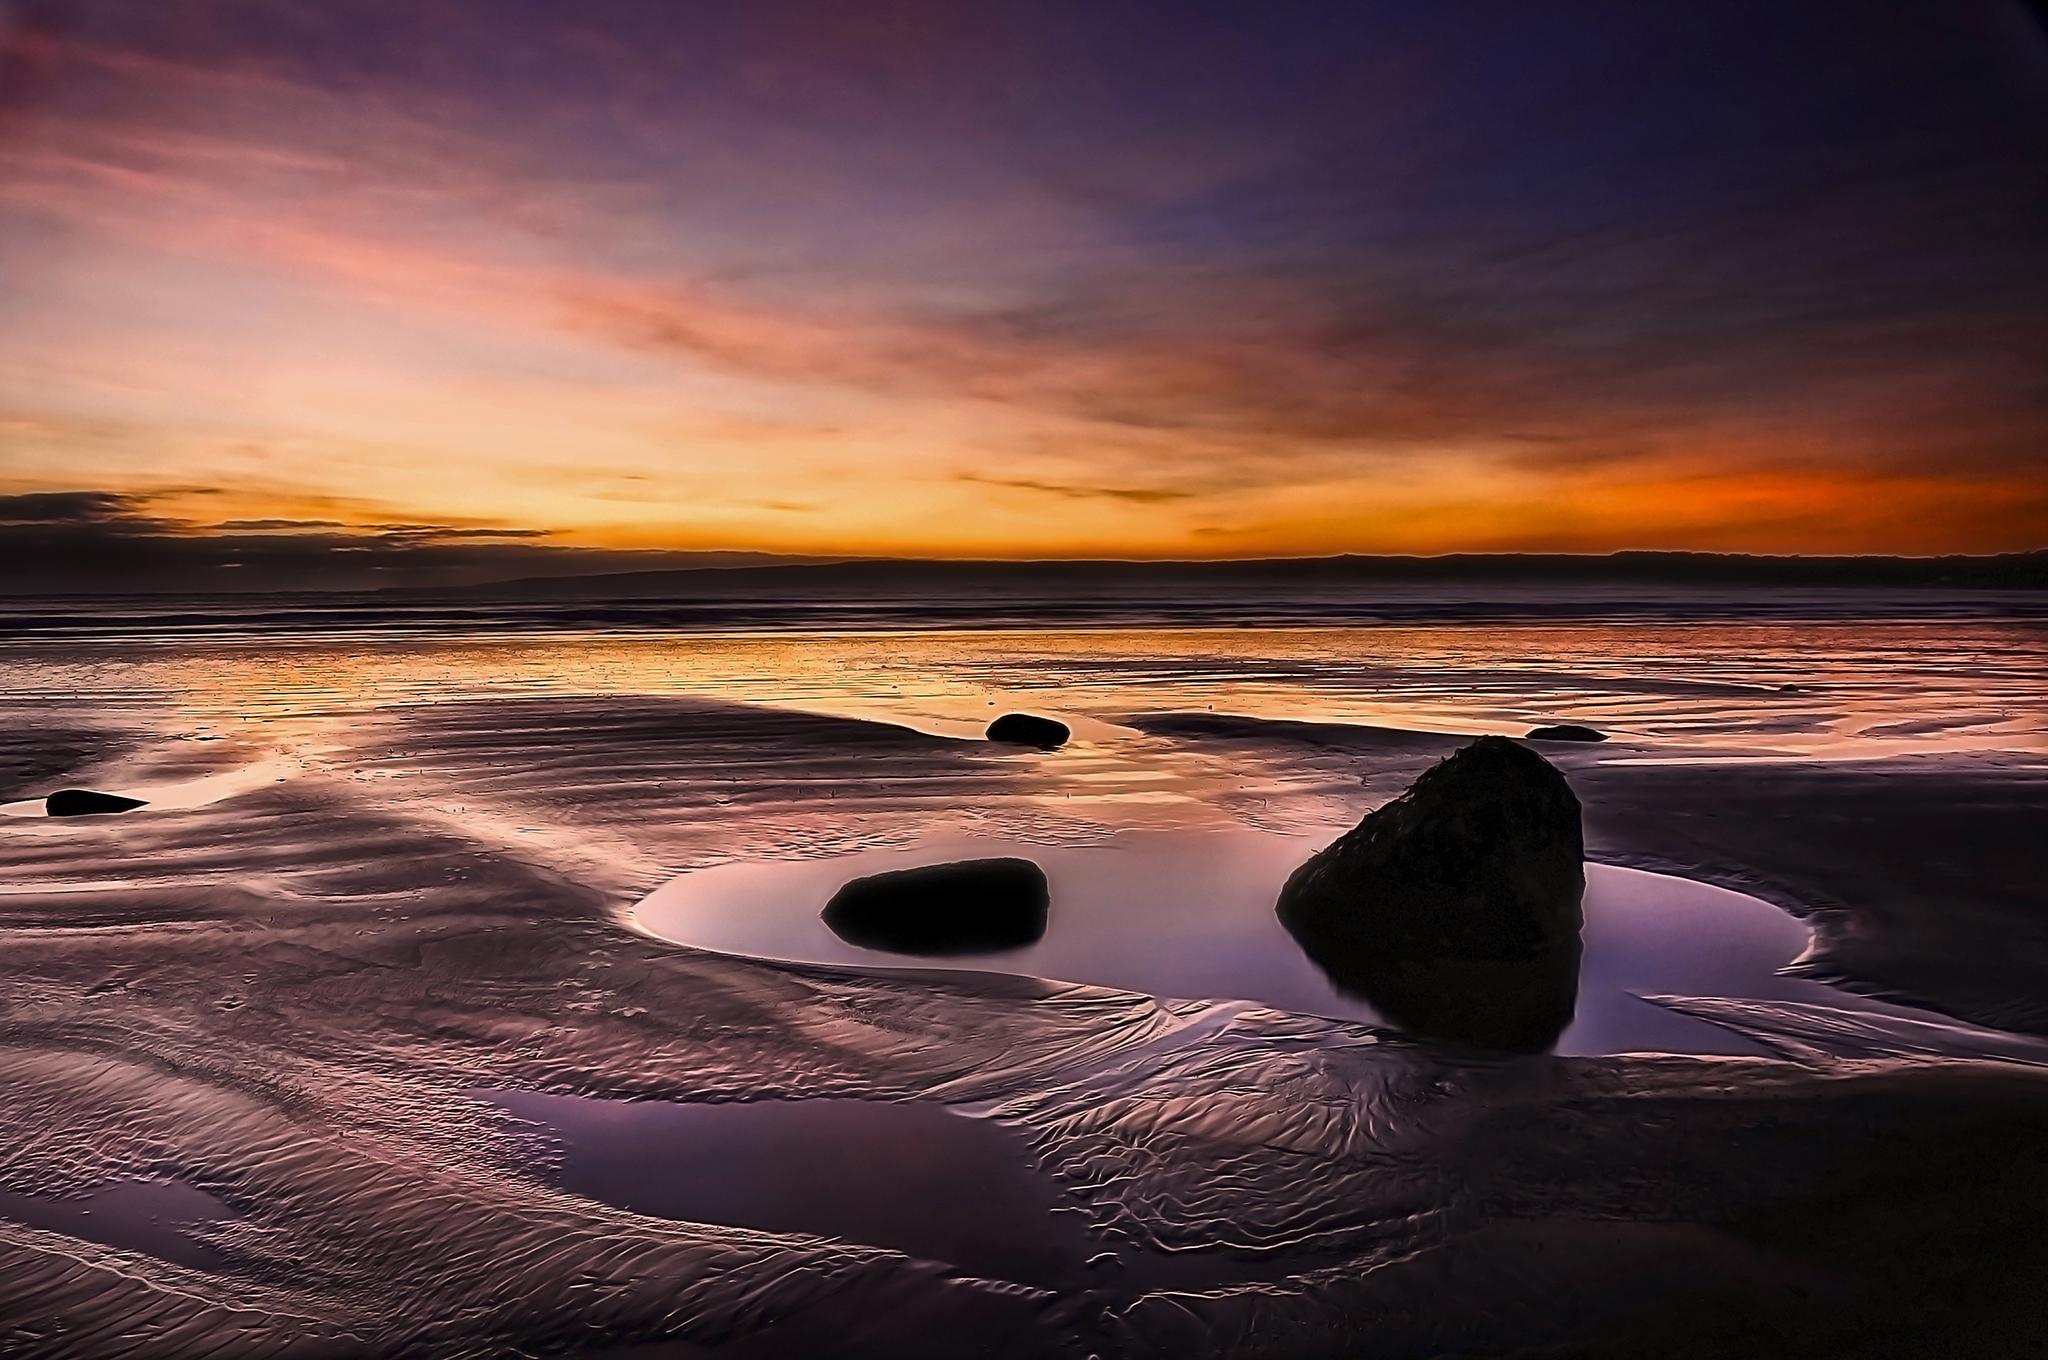 Filey Beach, United Kingdom